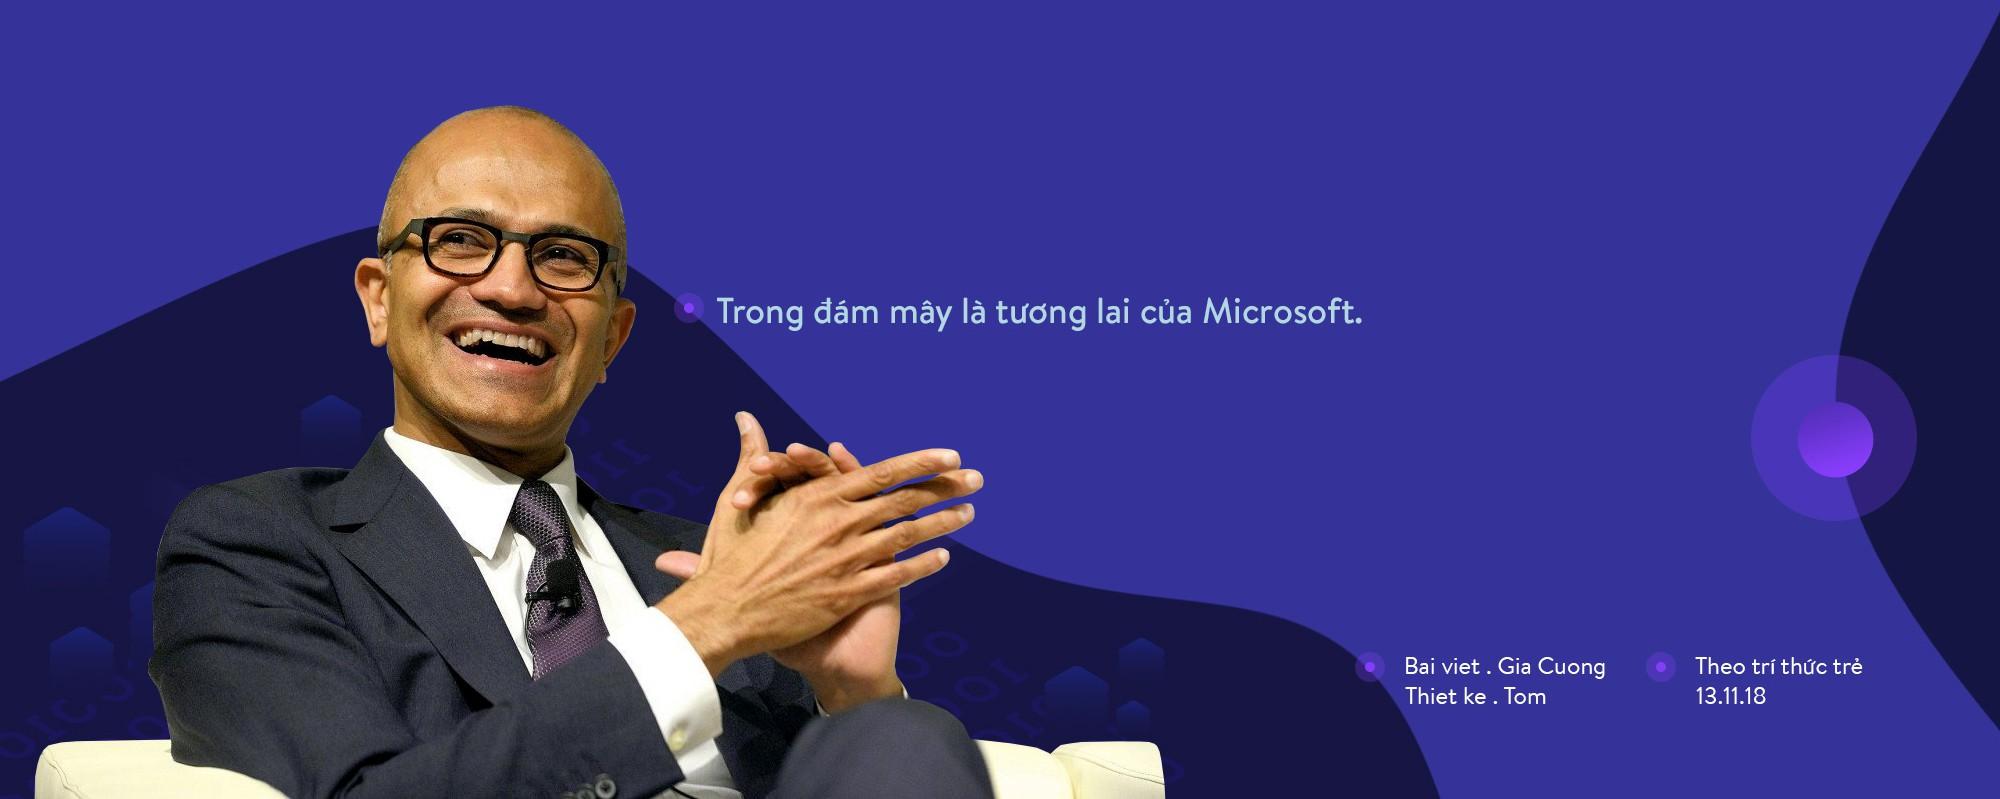 Microsoft: Rũ bỏ quá khứ bằng cách xây đường cho kẻ khác tiến vào tương lai - Ảnh 20.